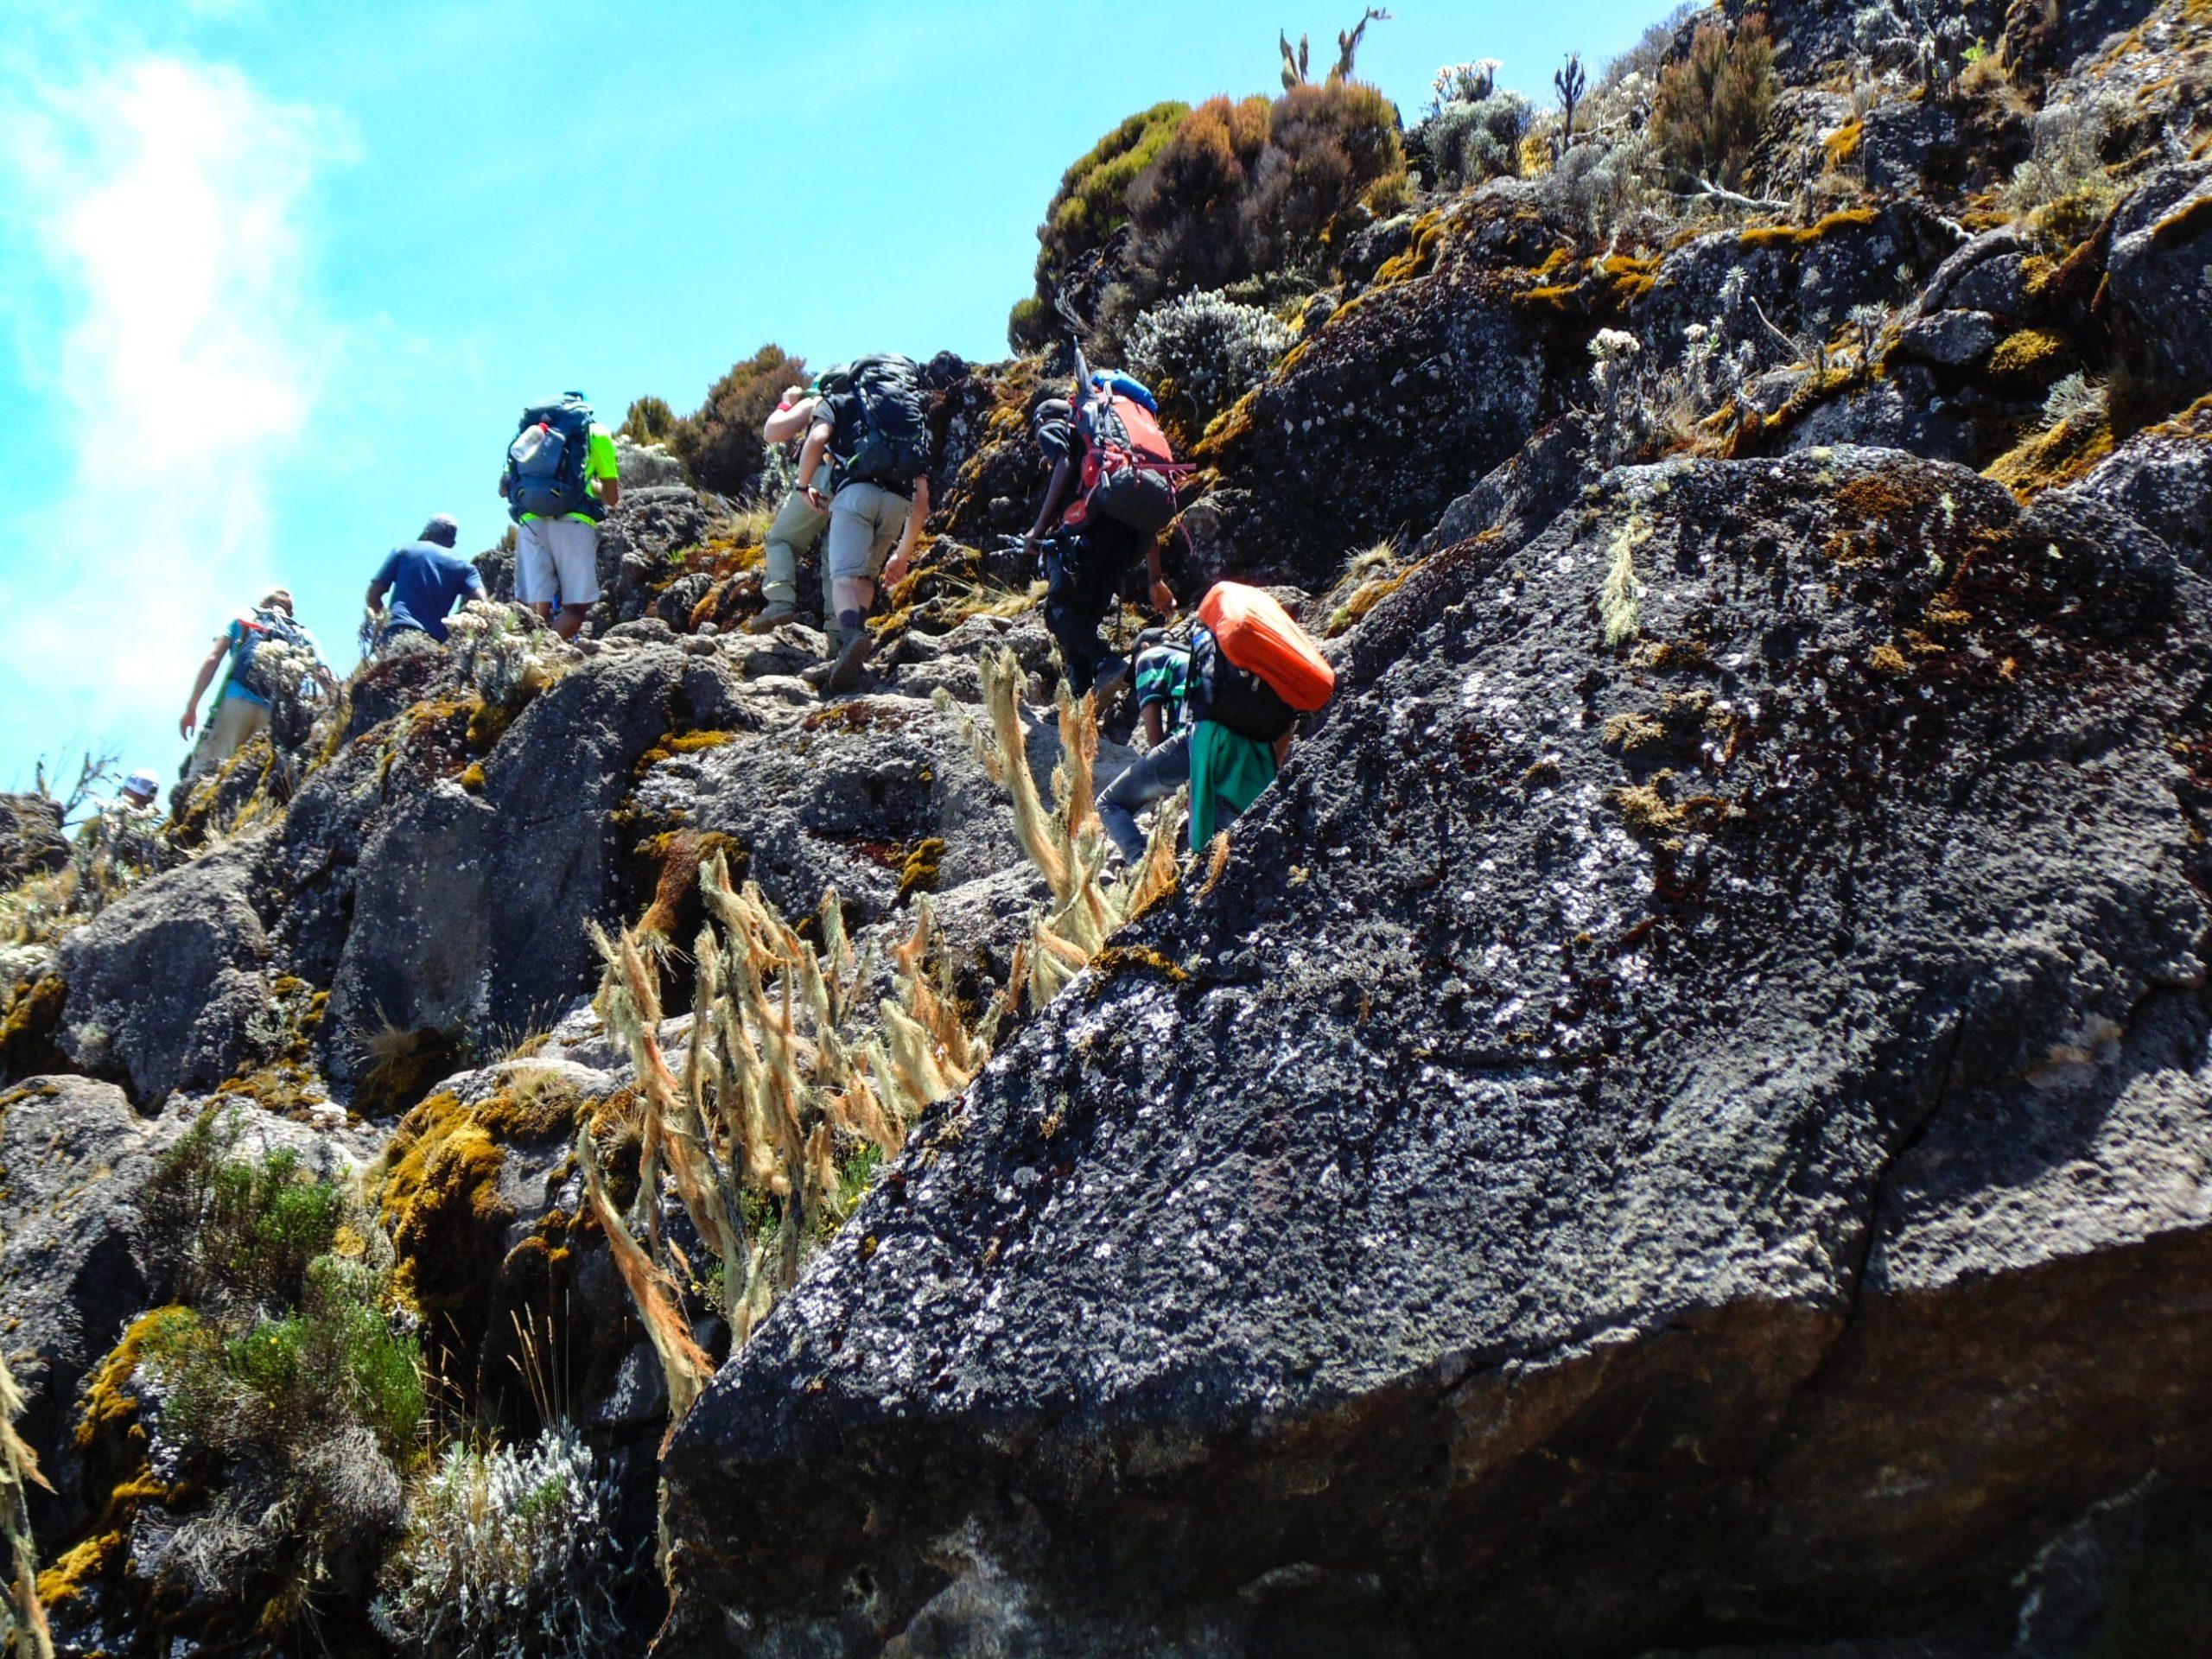 Lekka wspinaczka, trekking, machame route, kili.-min